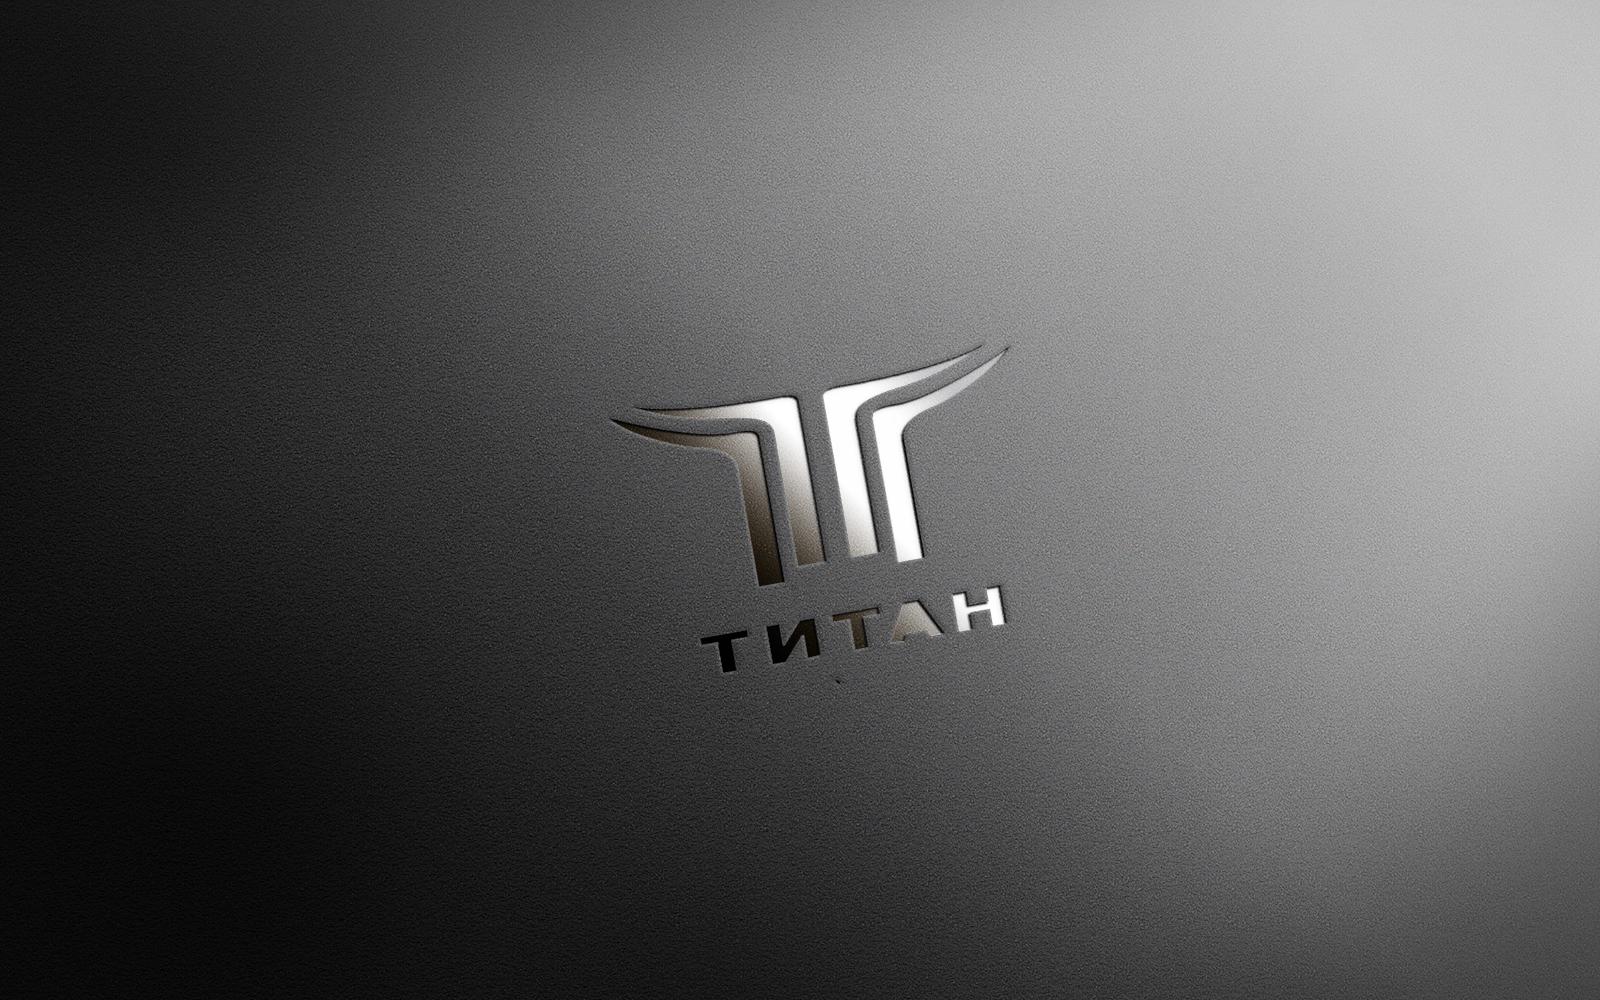 Разработка логотипа (срочно) фото f_2675d4a8508cc4c8.jpg